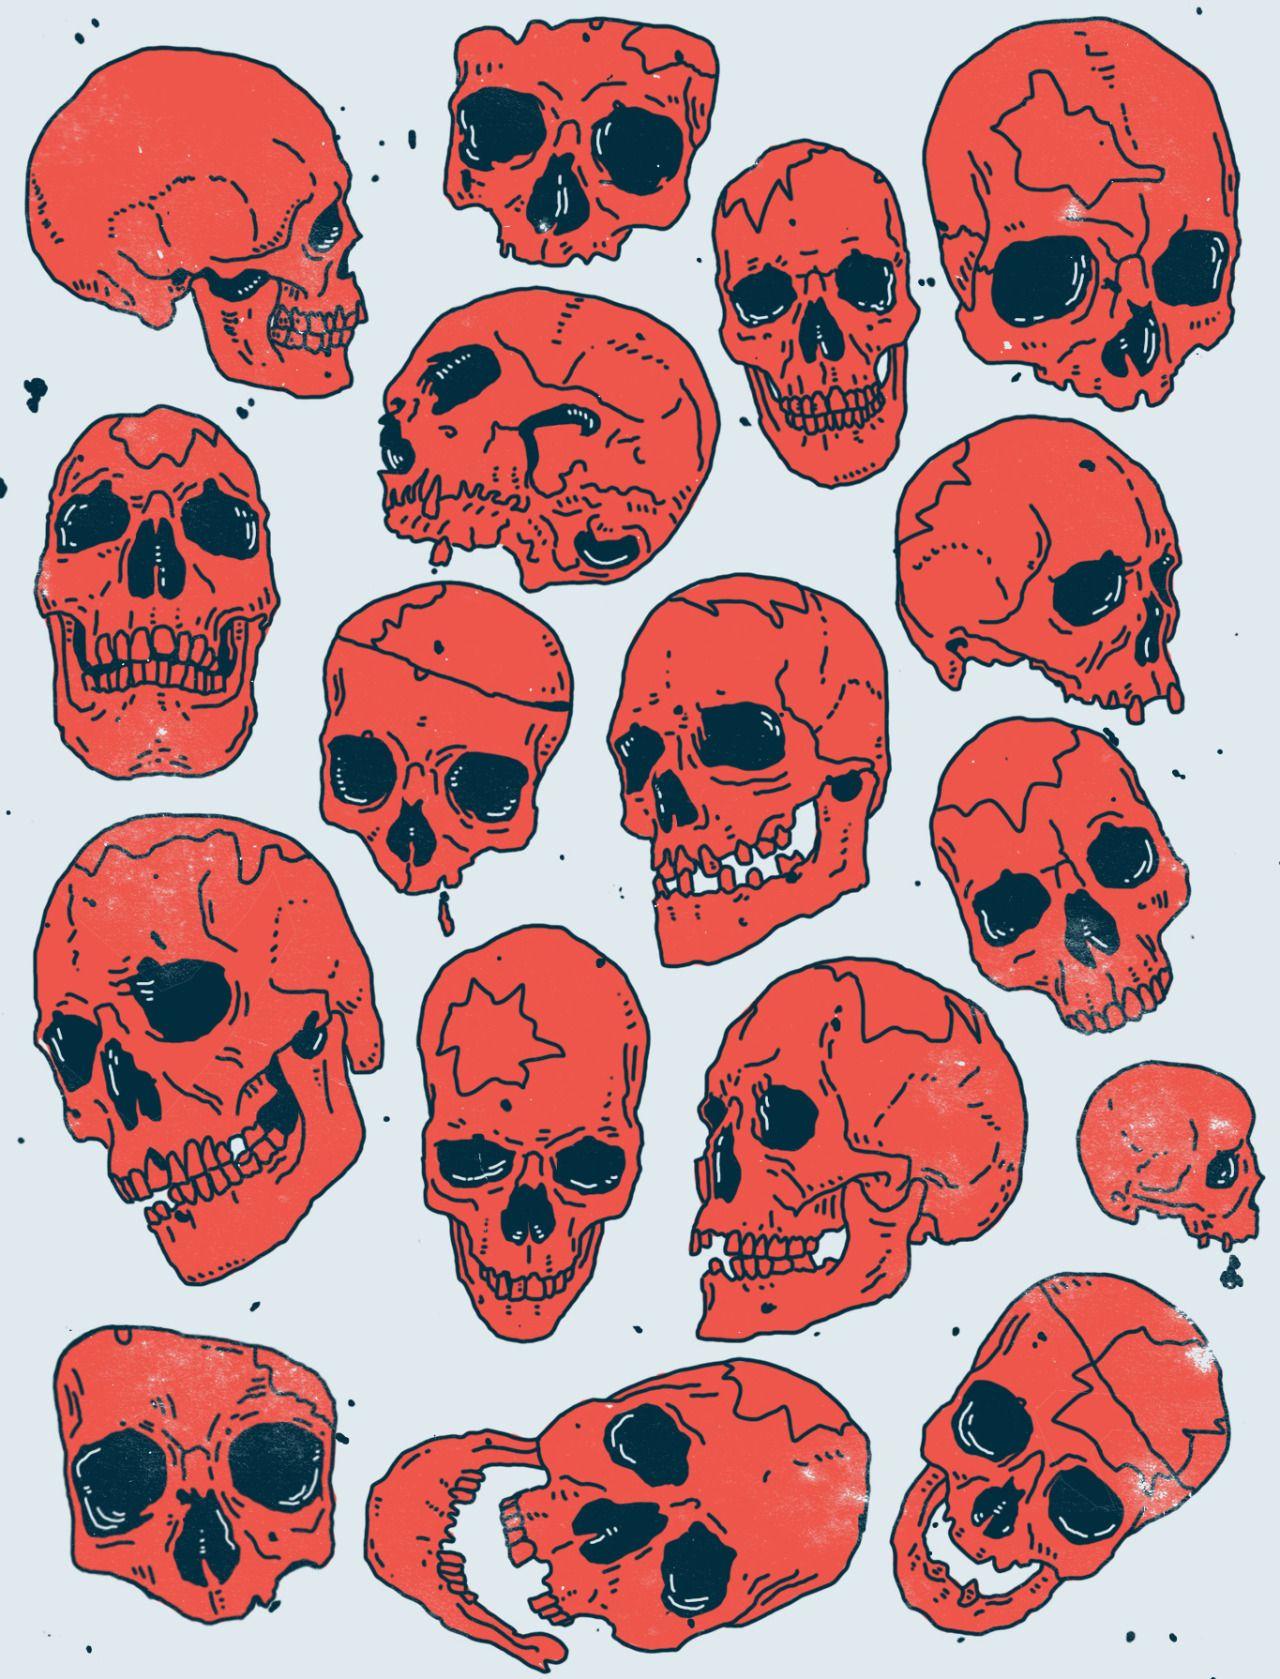 Vintage Halloween Skulls For Neotraditional Tattoos Con Imagenes Ilustracion De Calavera Craneo Dibujo Craneos Y Calaveras